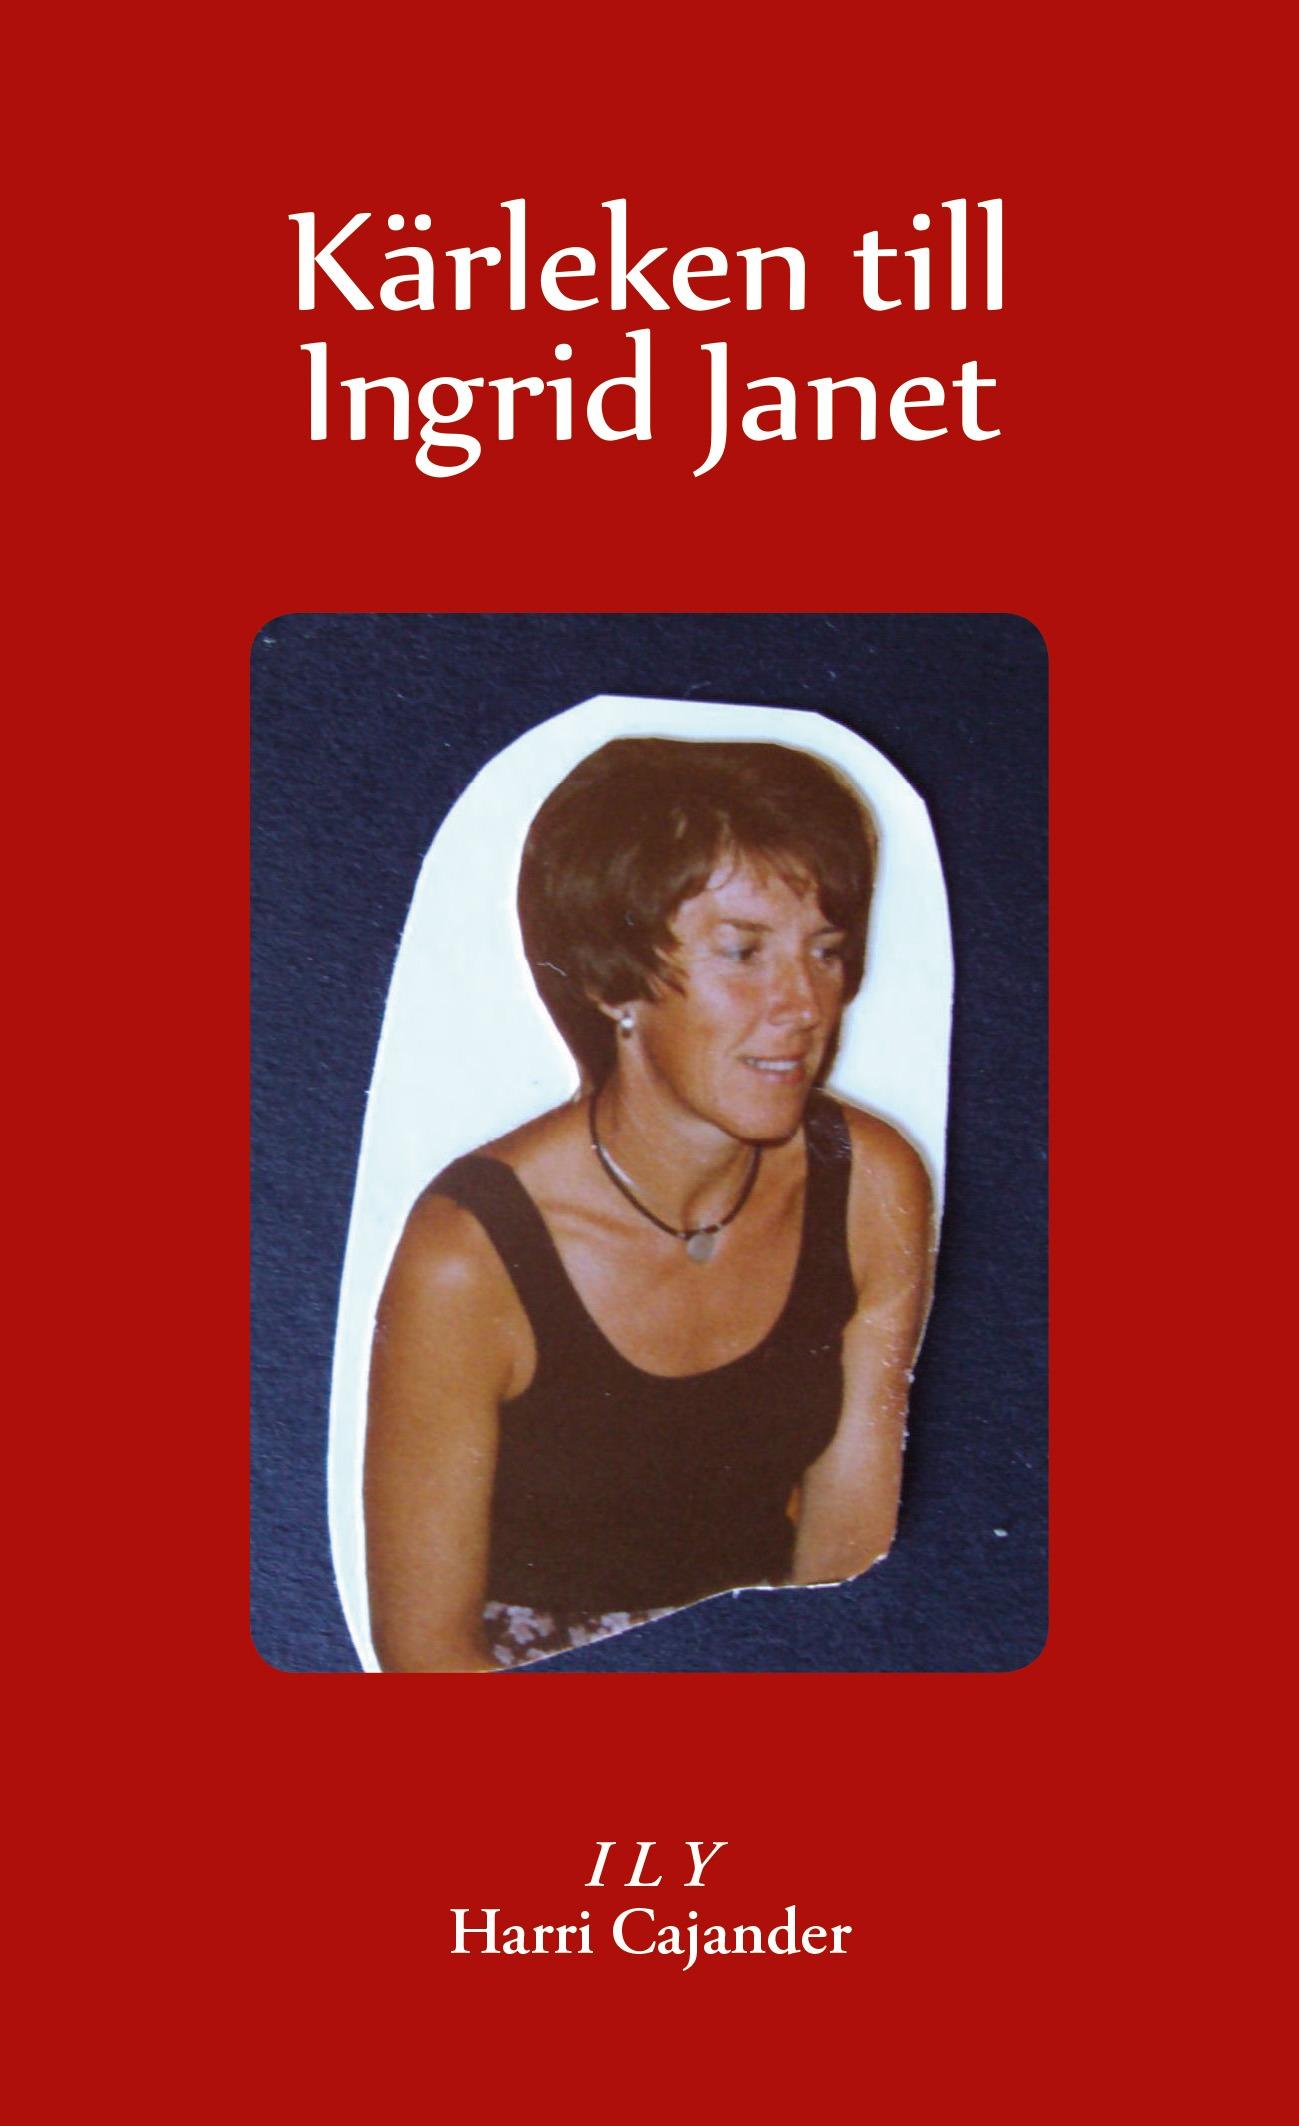 Kärleken till Ingrid Janet av Harri Cajander